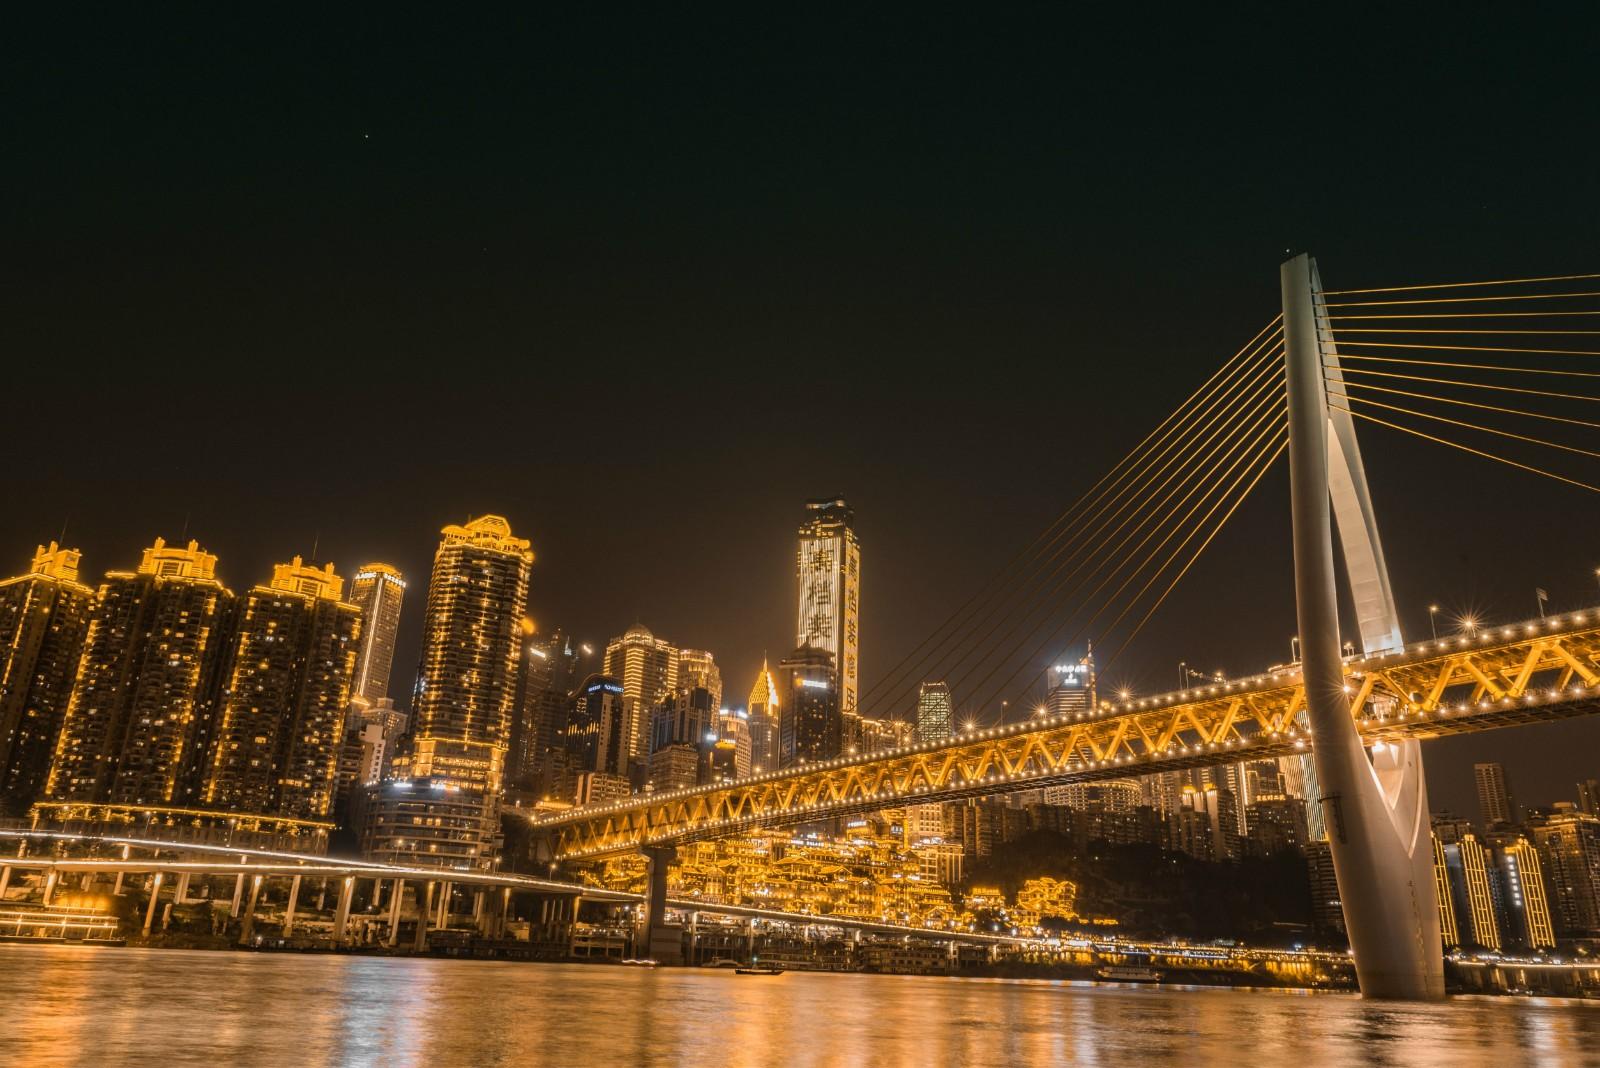 天津市代理记账公司企业共享怎么判断企业实行的企业会计制度